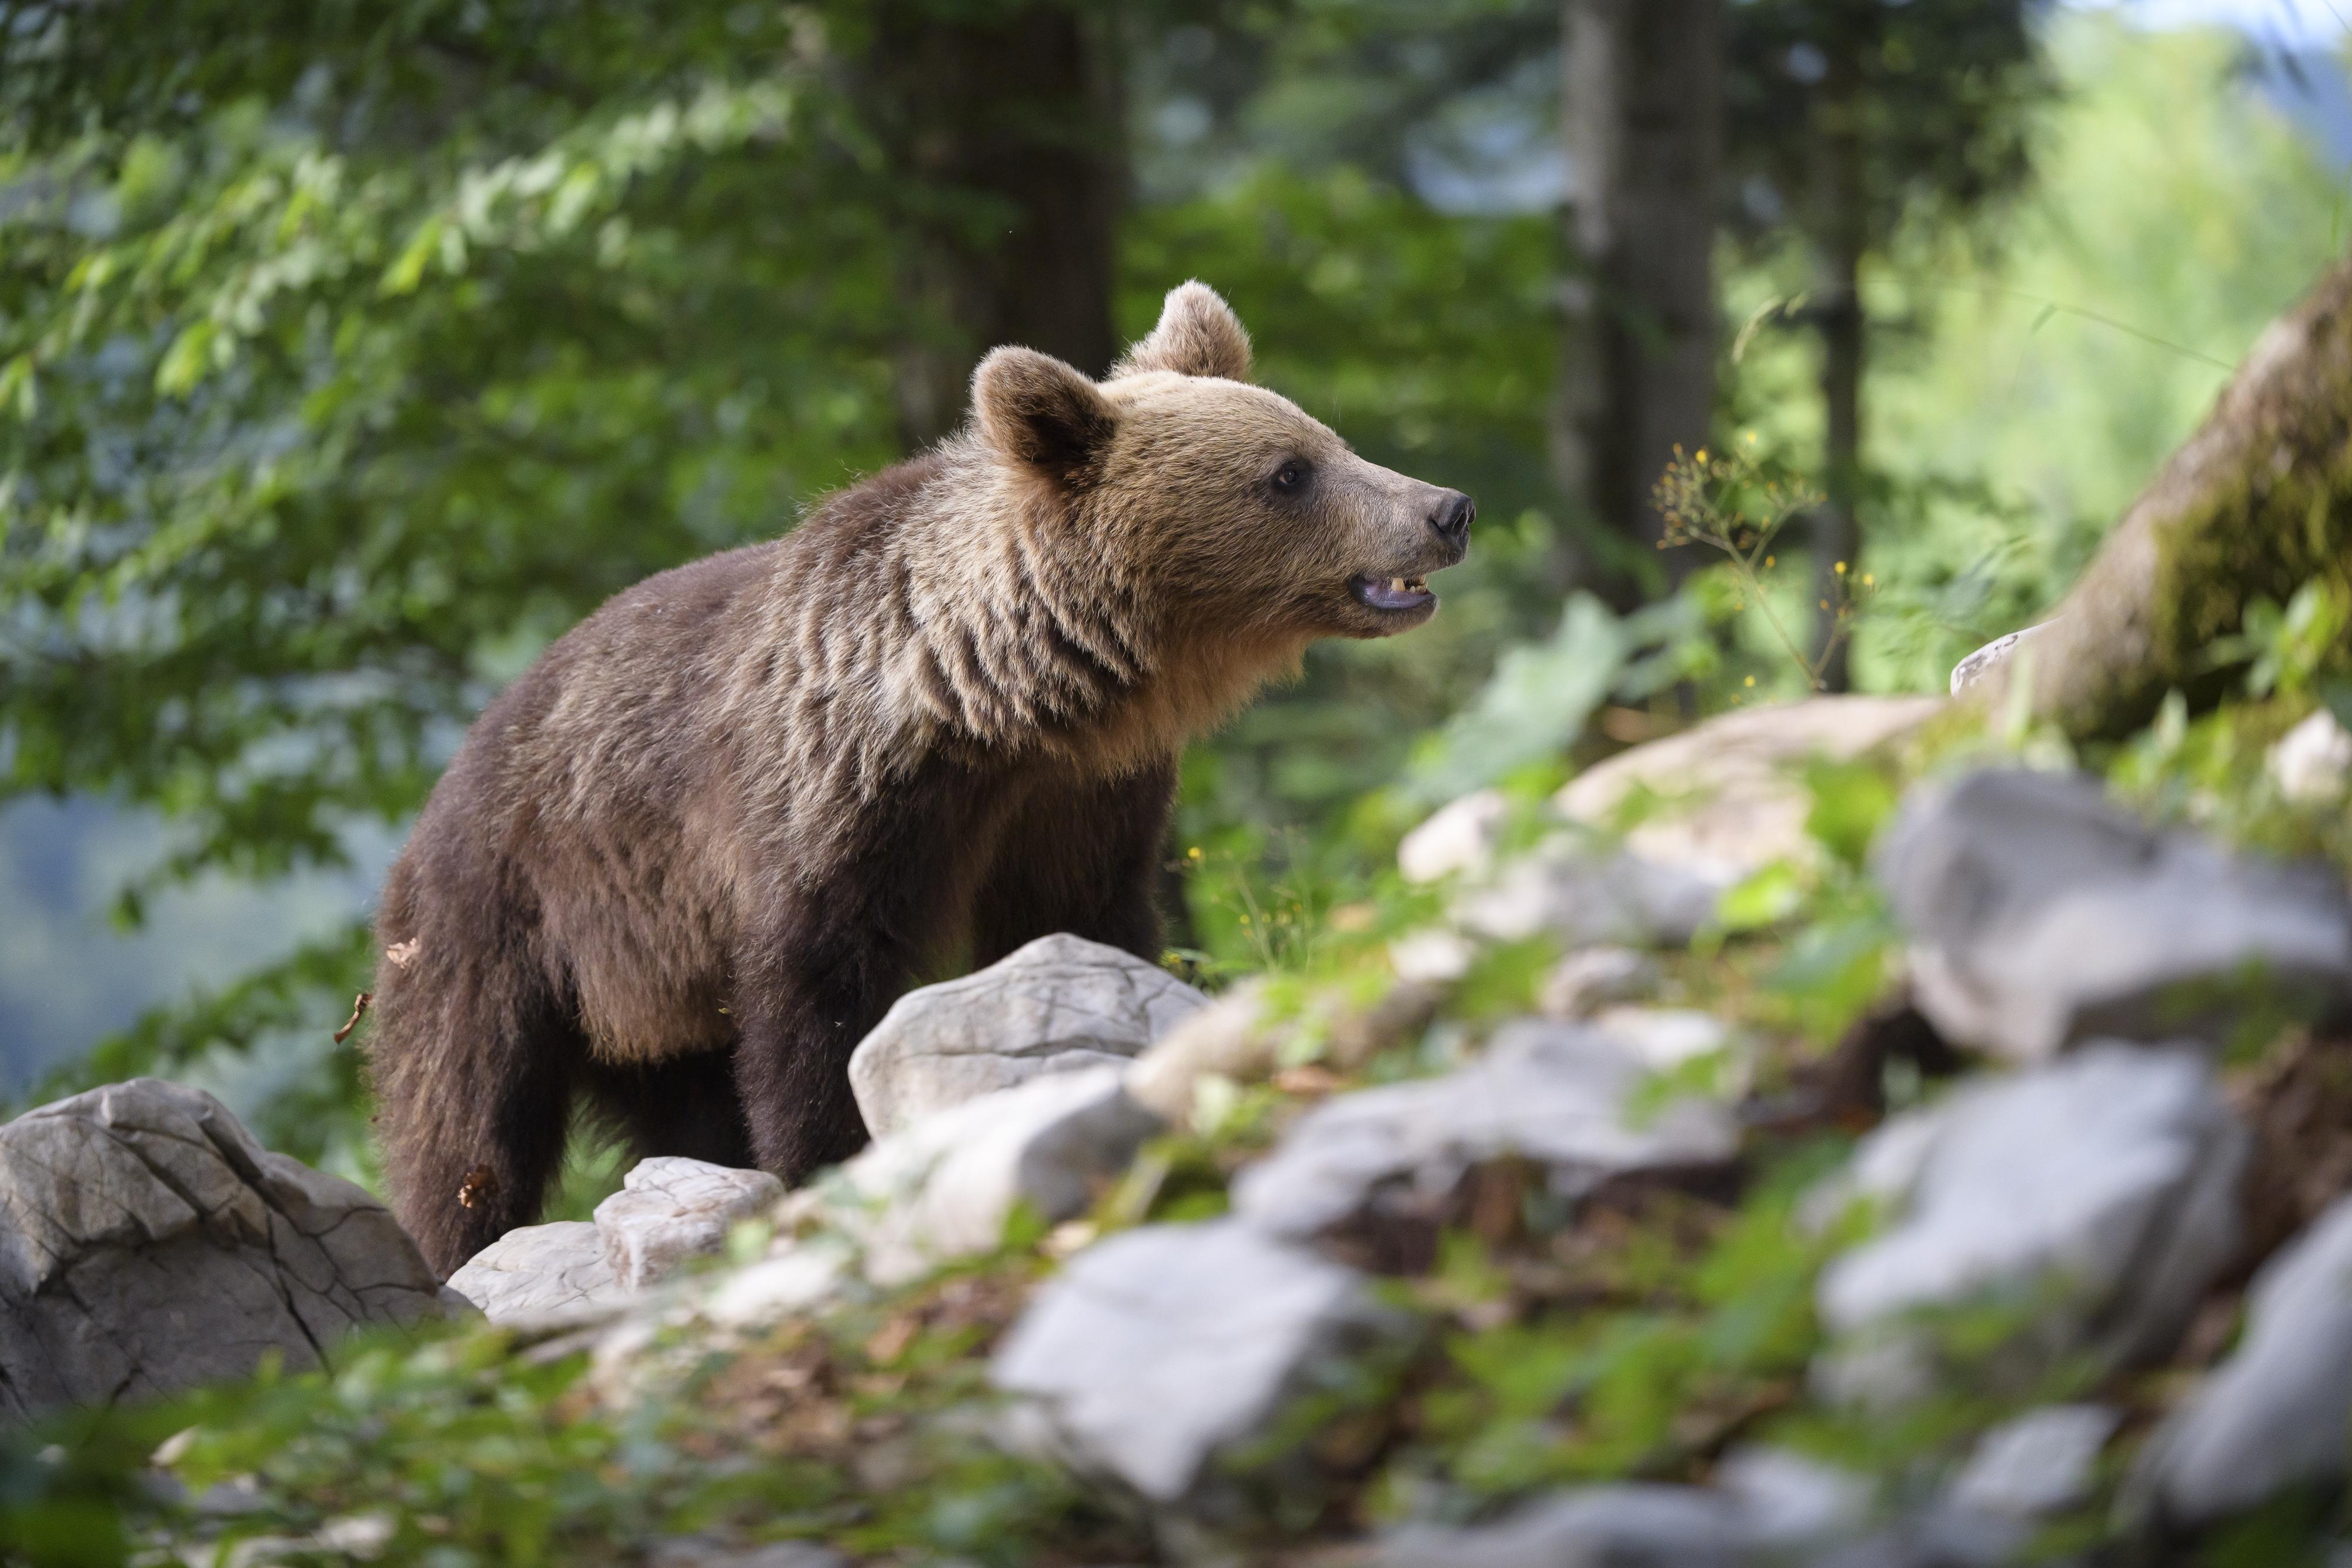 A francia hatóságok elengedtek egy szlovén barnamedvét a Pireneusokban, erre az elkezdte ölni a spanyol bárányokat